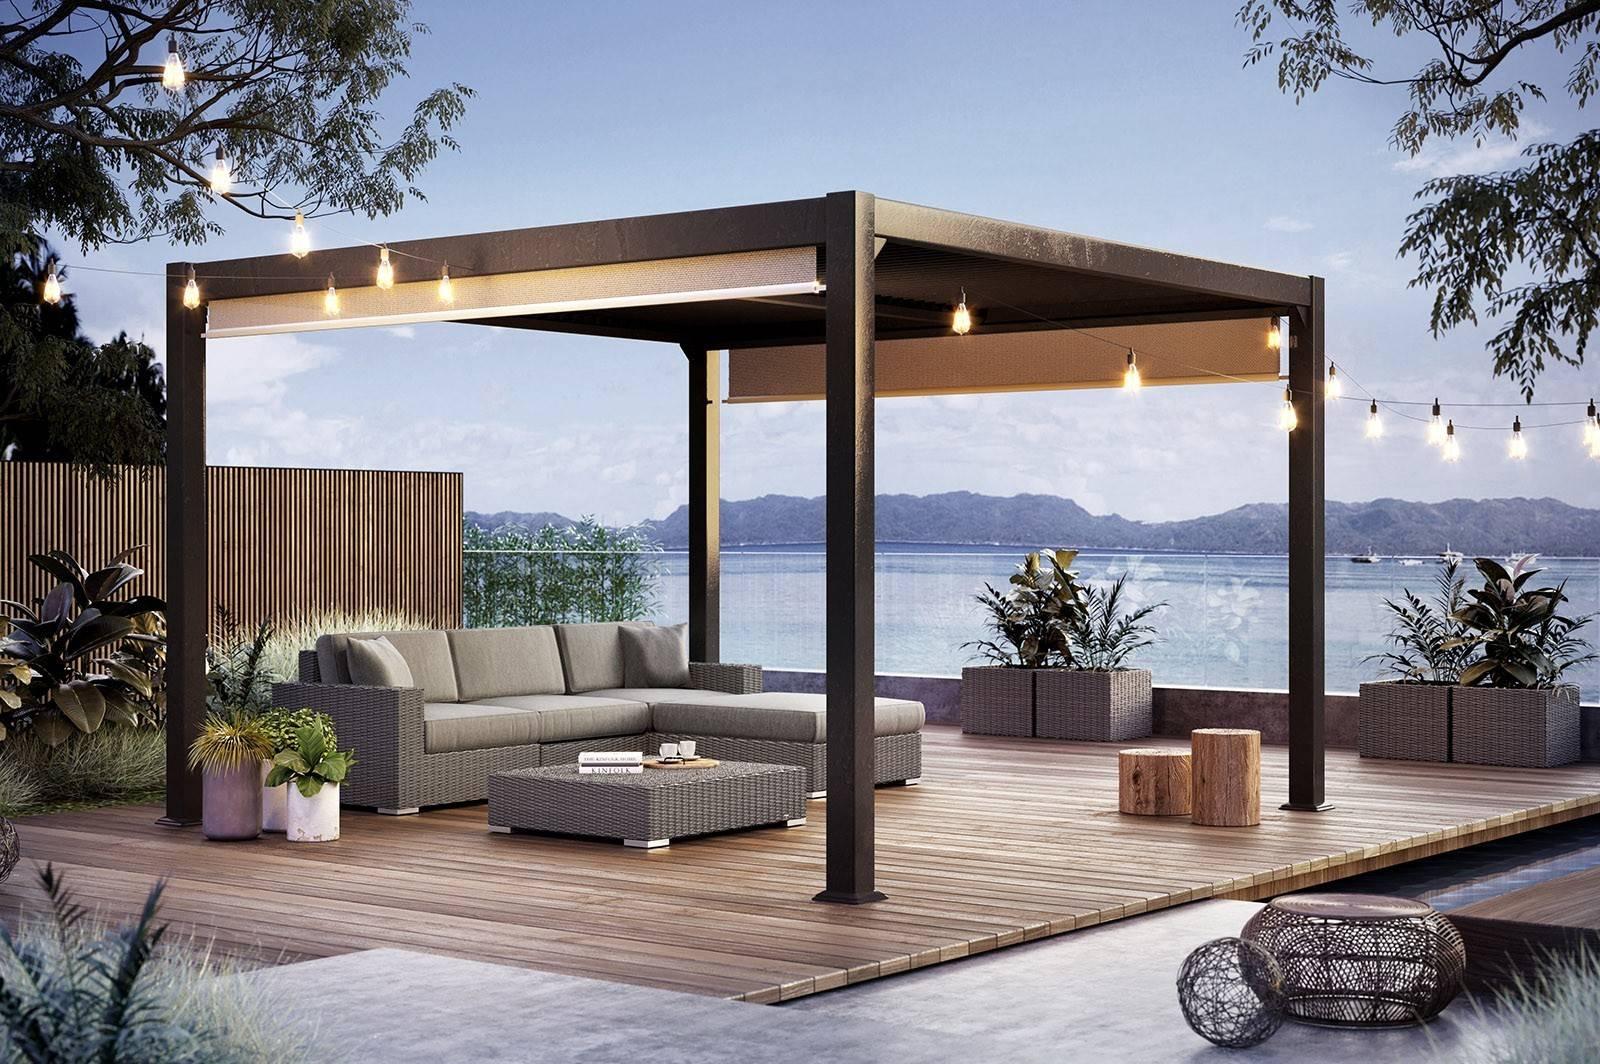 Skuteczna ochrona przed słońcem w ogrodzie i na tarasie – parasole i zadaszenia ogrodowe